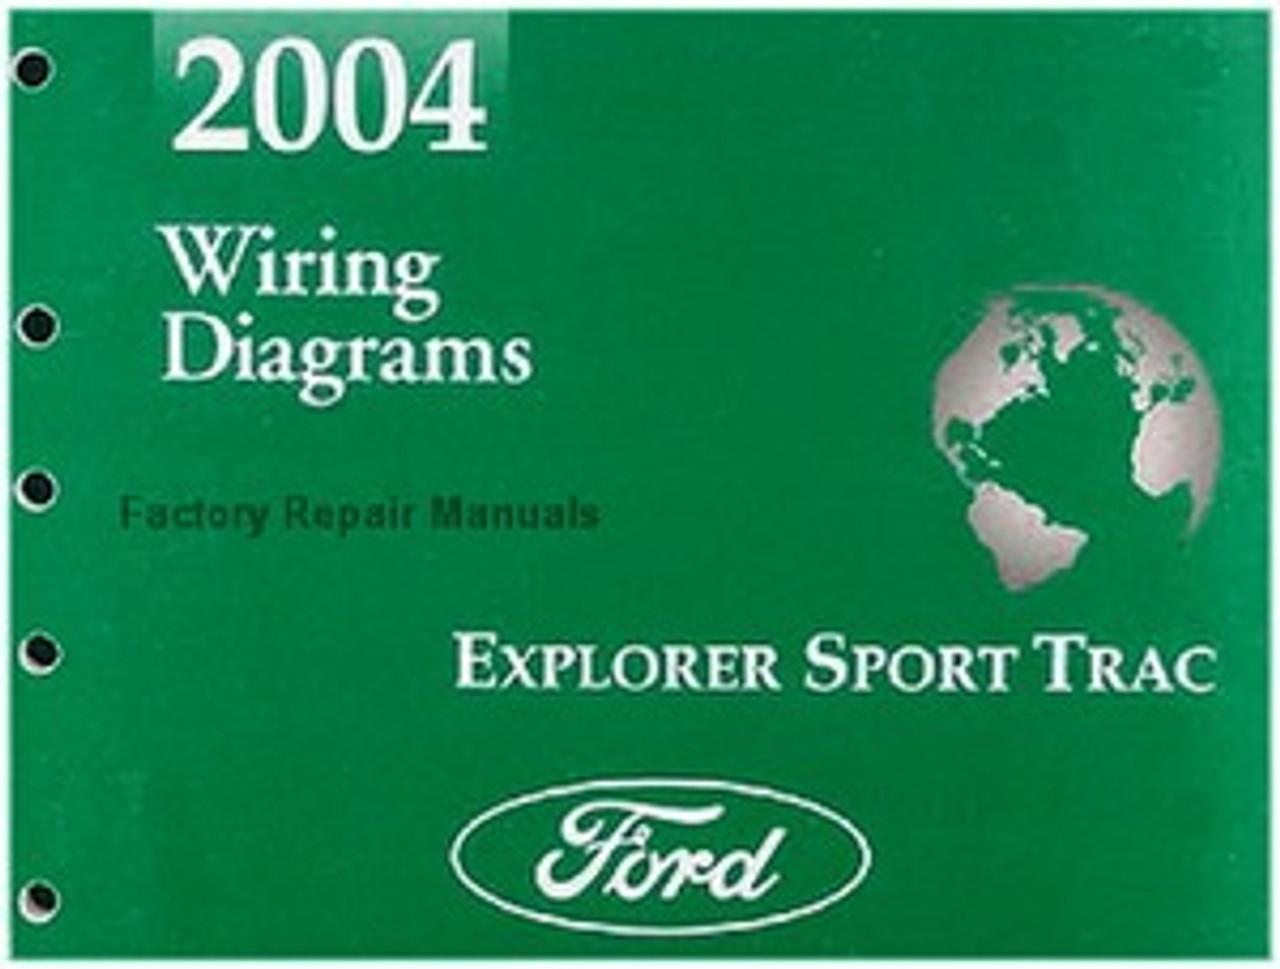 2004 Ford Explorer Sport Trac Truck Electrical Wiring Diagrams Manual Original Factory Repair Manuals